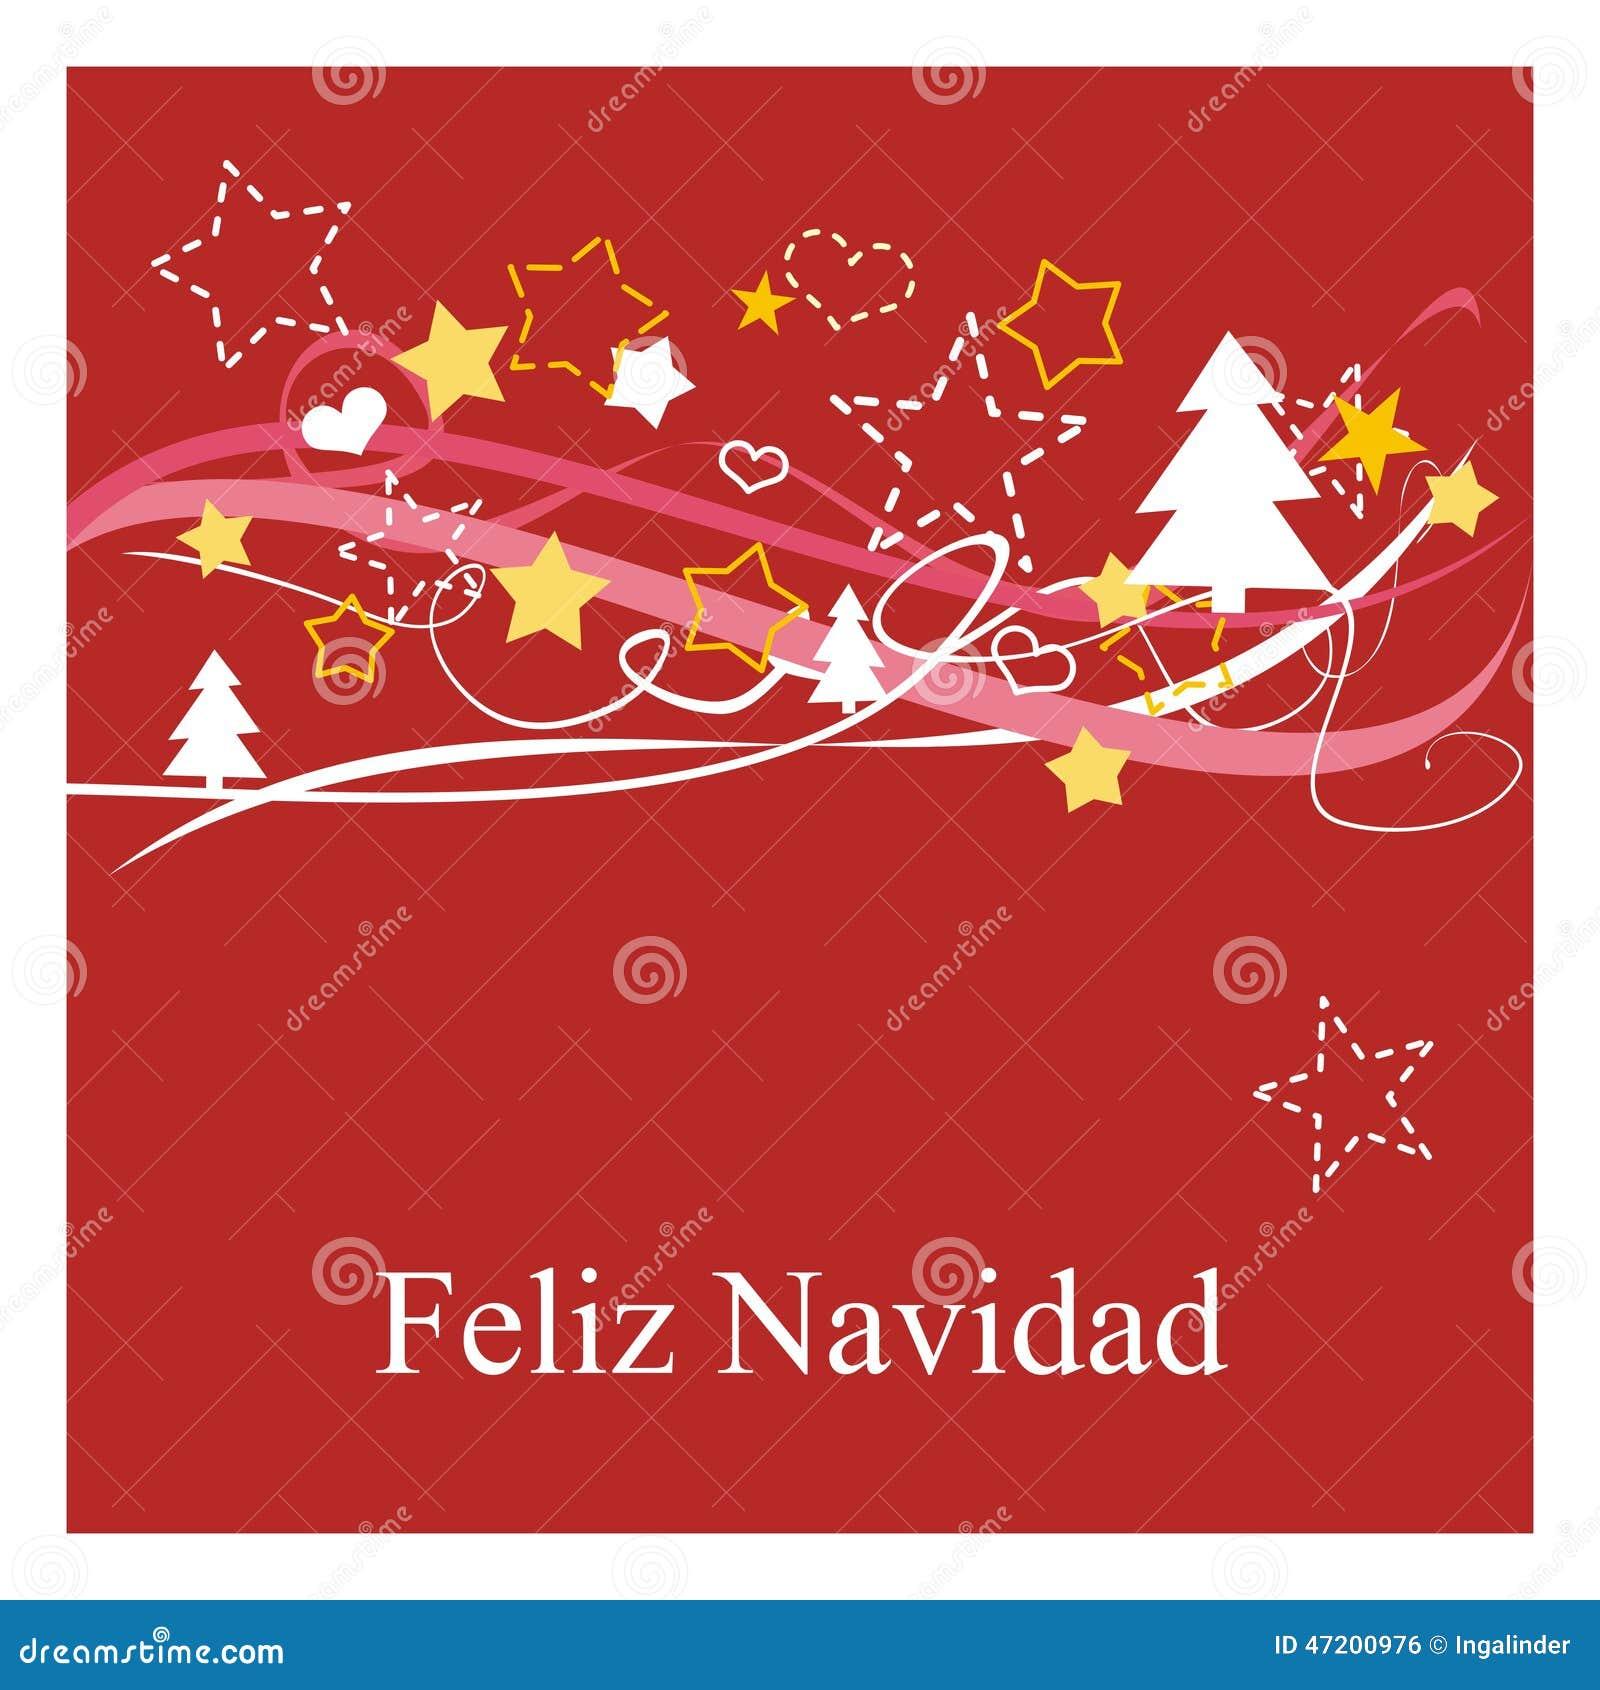 Los d as de fiesta cardan con deseos del espanol feliz - Deseos de feliz navidad ...